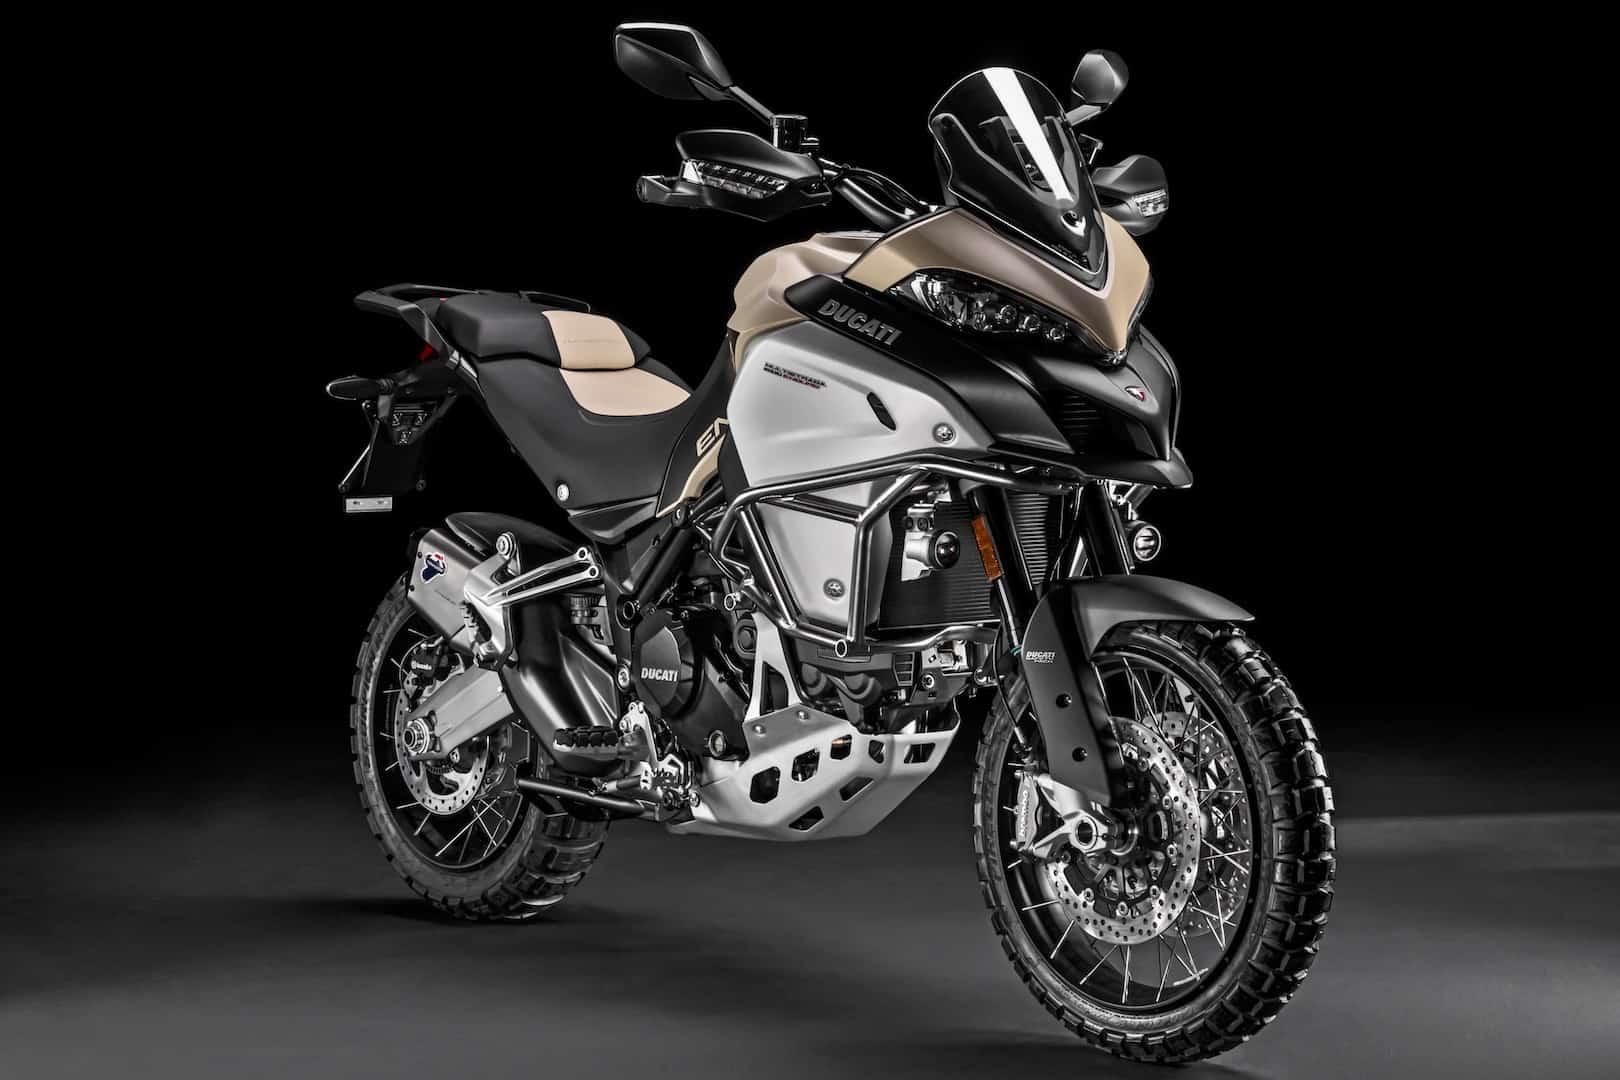 Ducati Multistrada 1200 Enduro – dual sport motorcycle